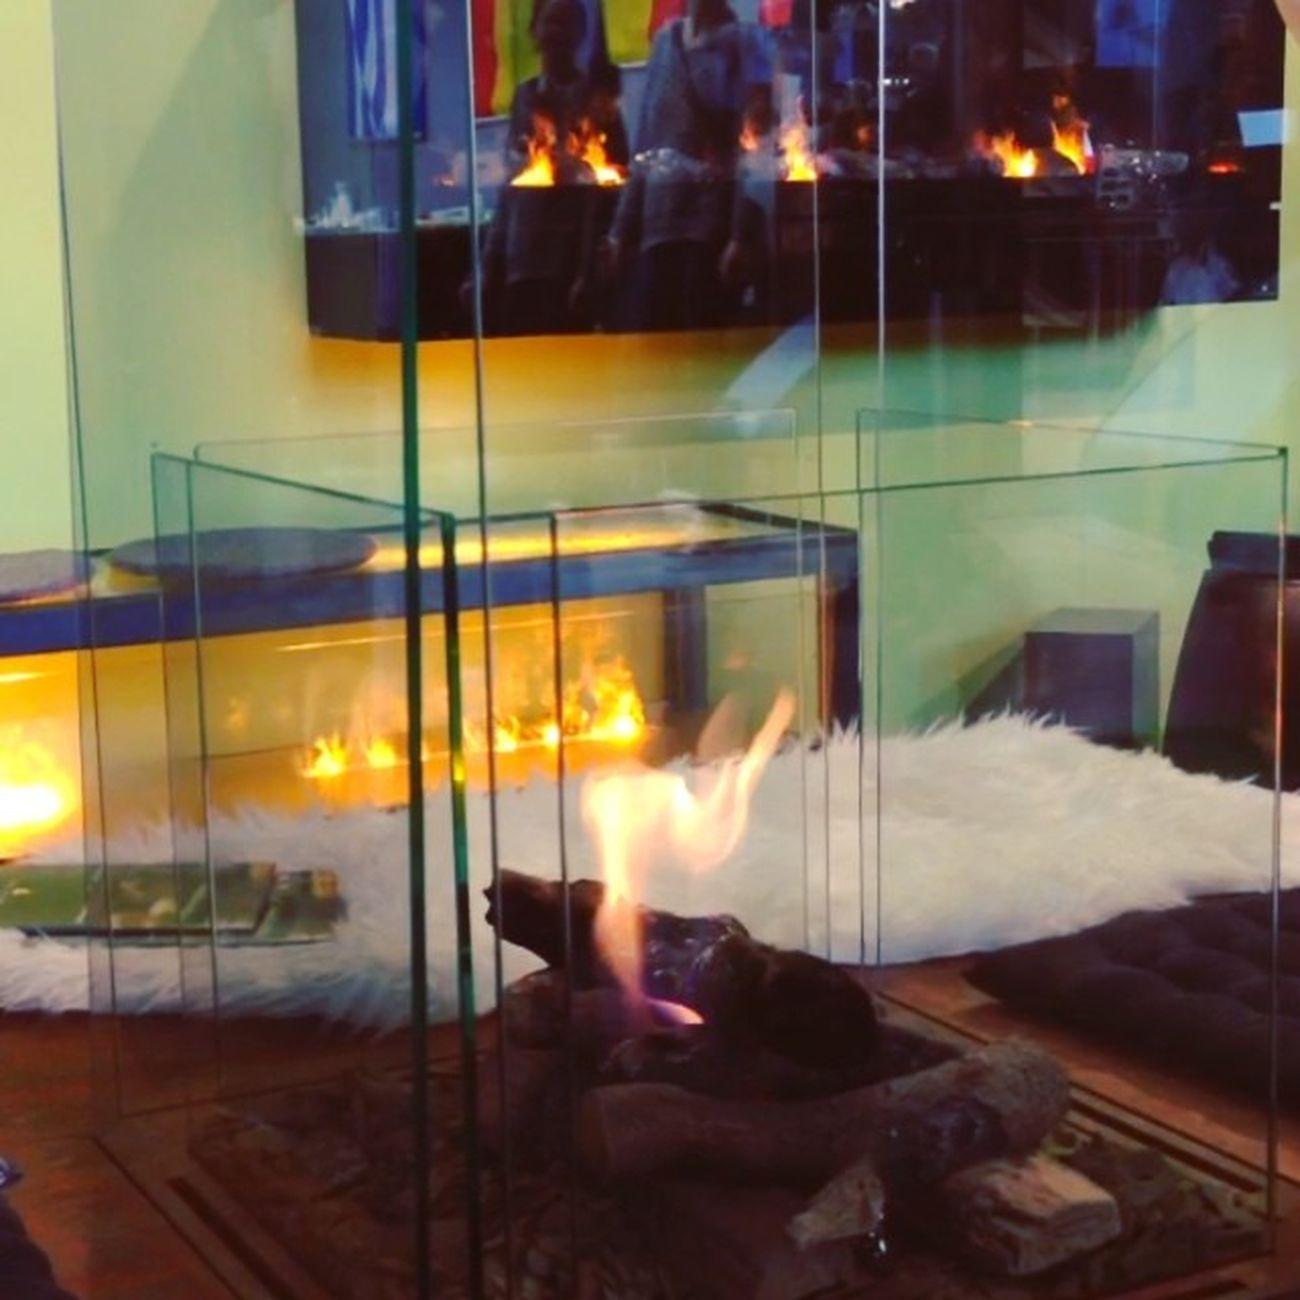 Feuer ohne Rauch. Hat was. #intergastra Intergastra Gelatissimo Fire Fireplace Chimney Stuttgart Feuer Show Messe Kamin Messestuttgart Tradefair